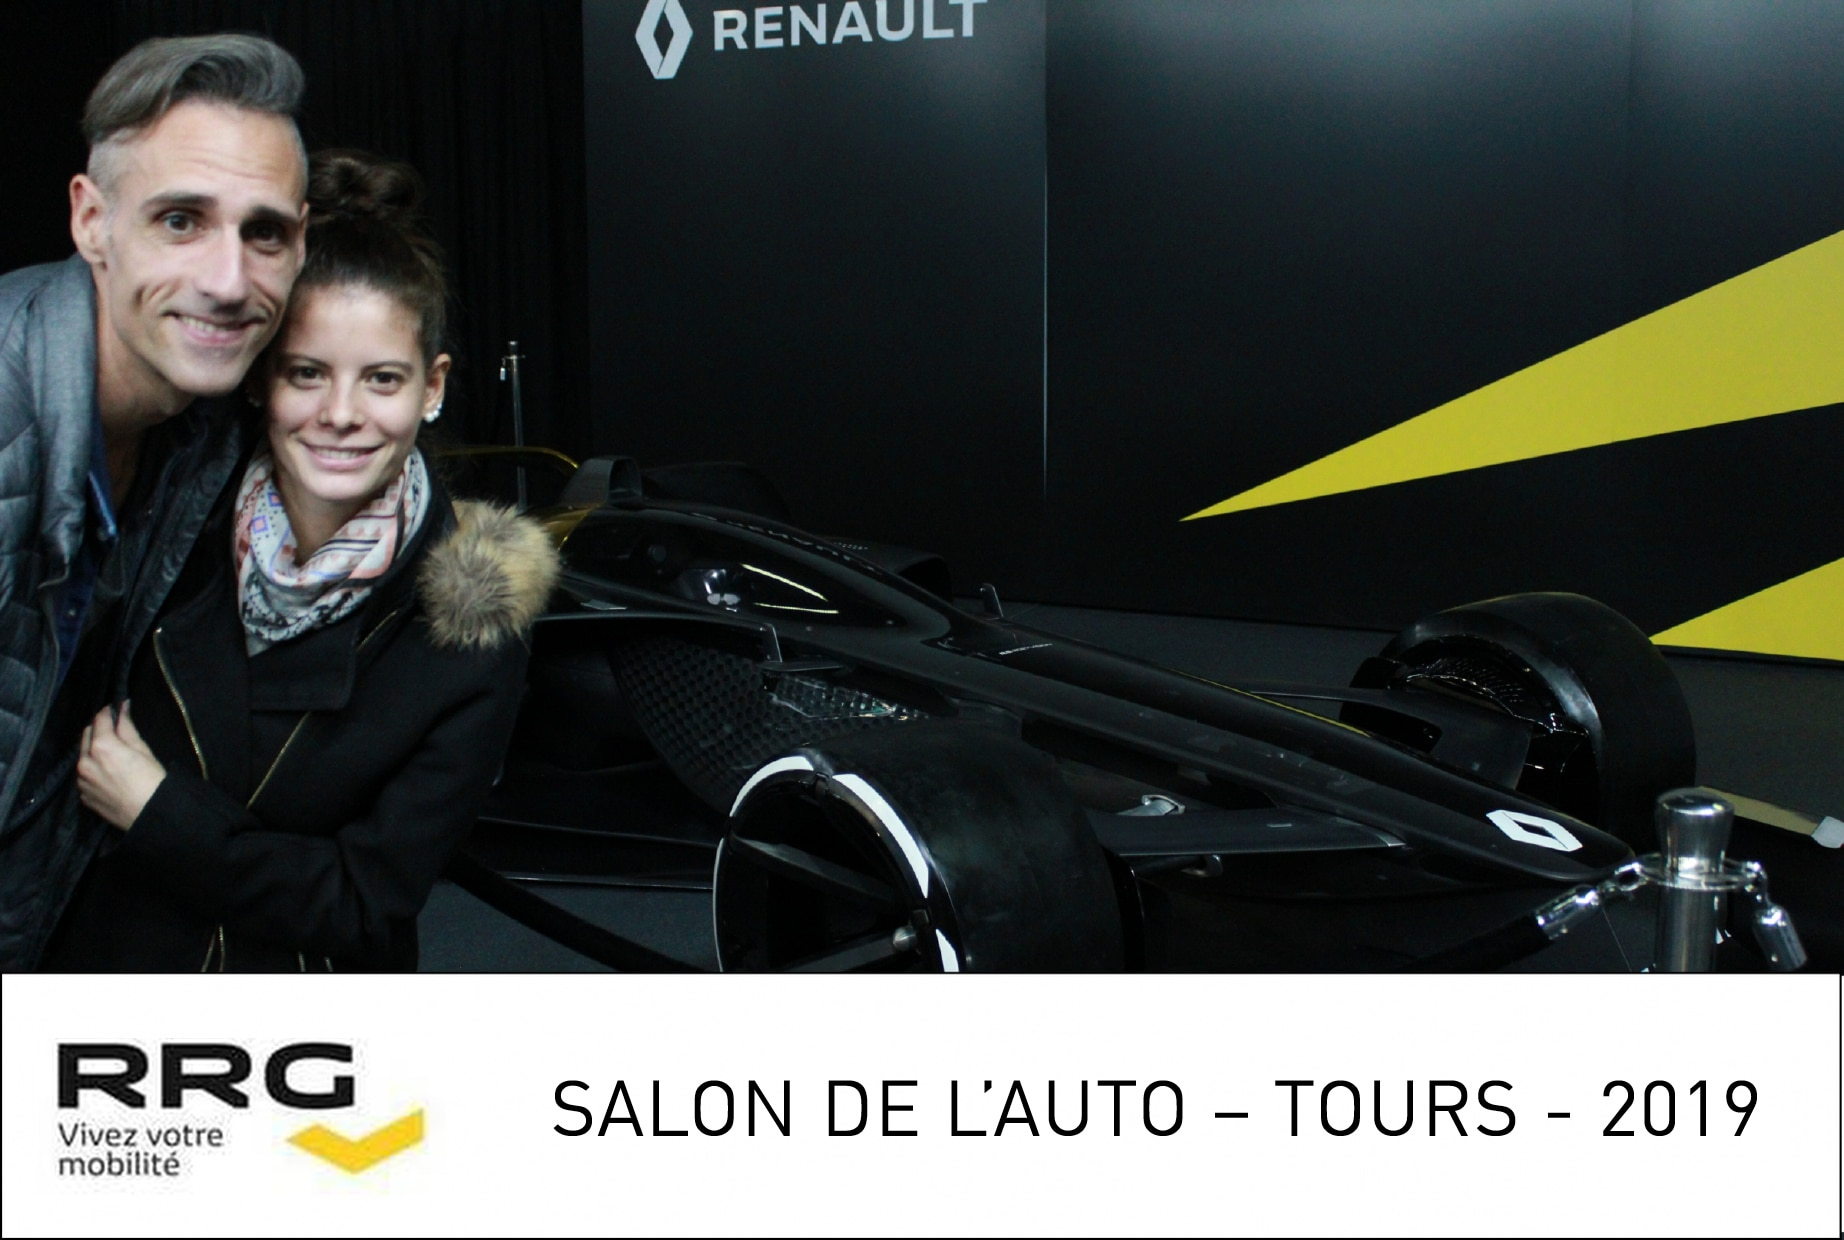 Animation borne photo au stand Renault salon de l'Auto 2019 Tours avec impressions selfies des visiteurs